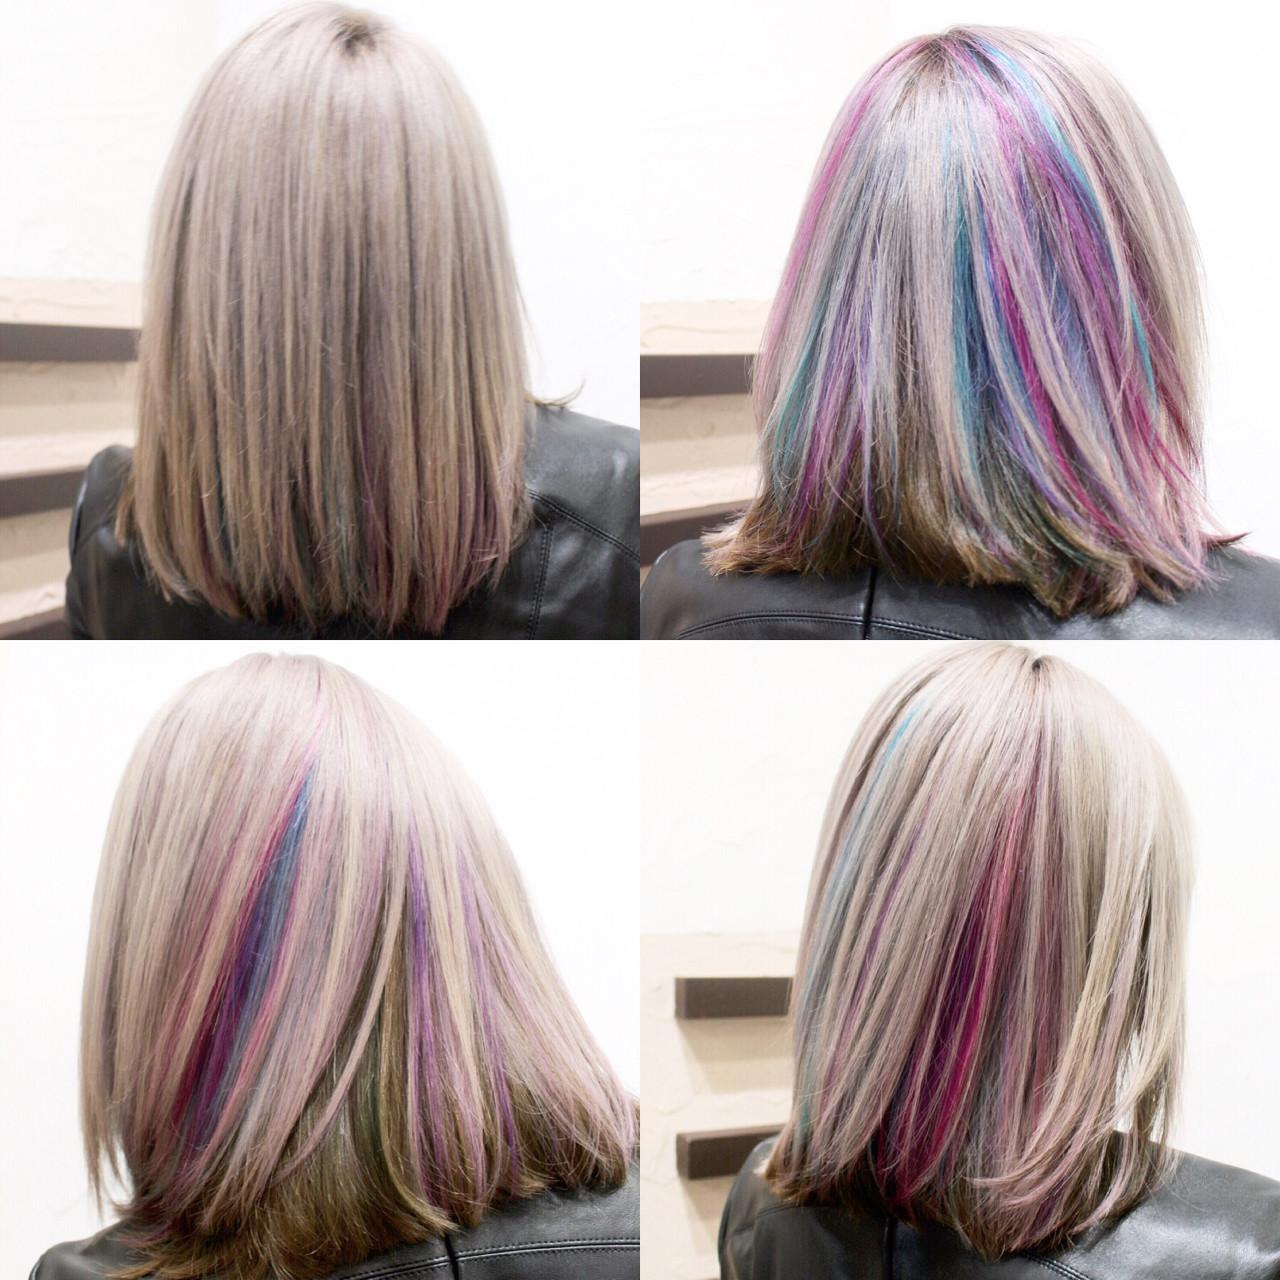 モード ハイトーン 渋谷系 外国人風 ヘアスタイルや髪型の写真・画像